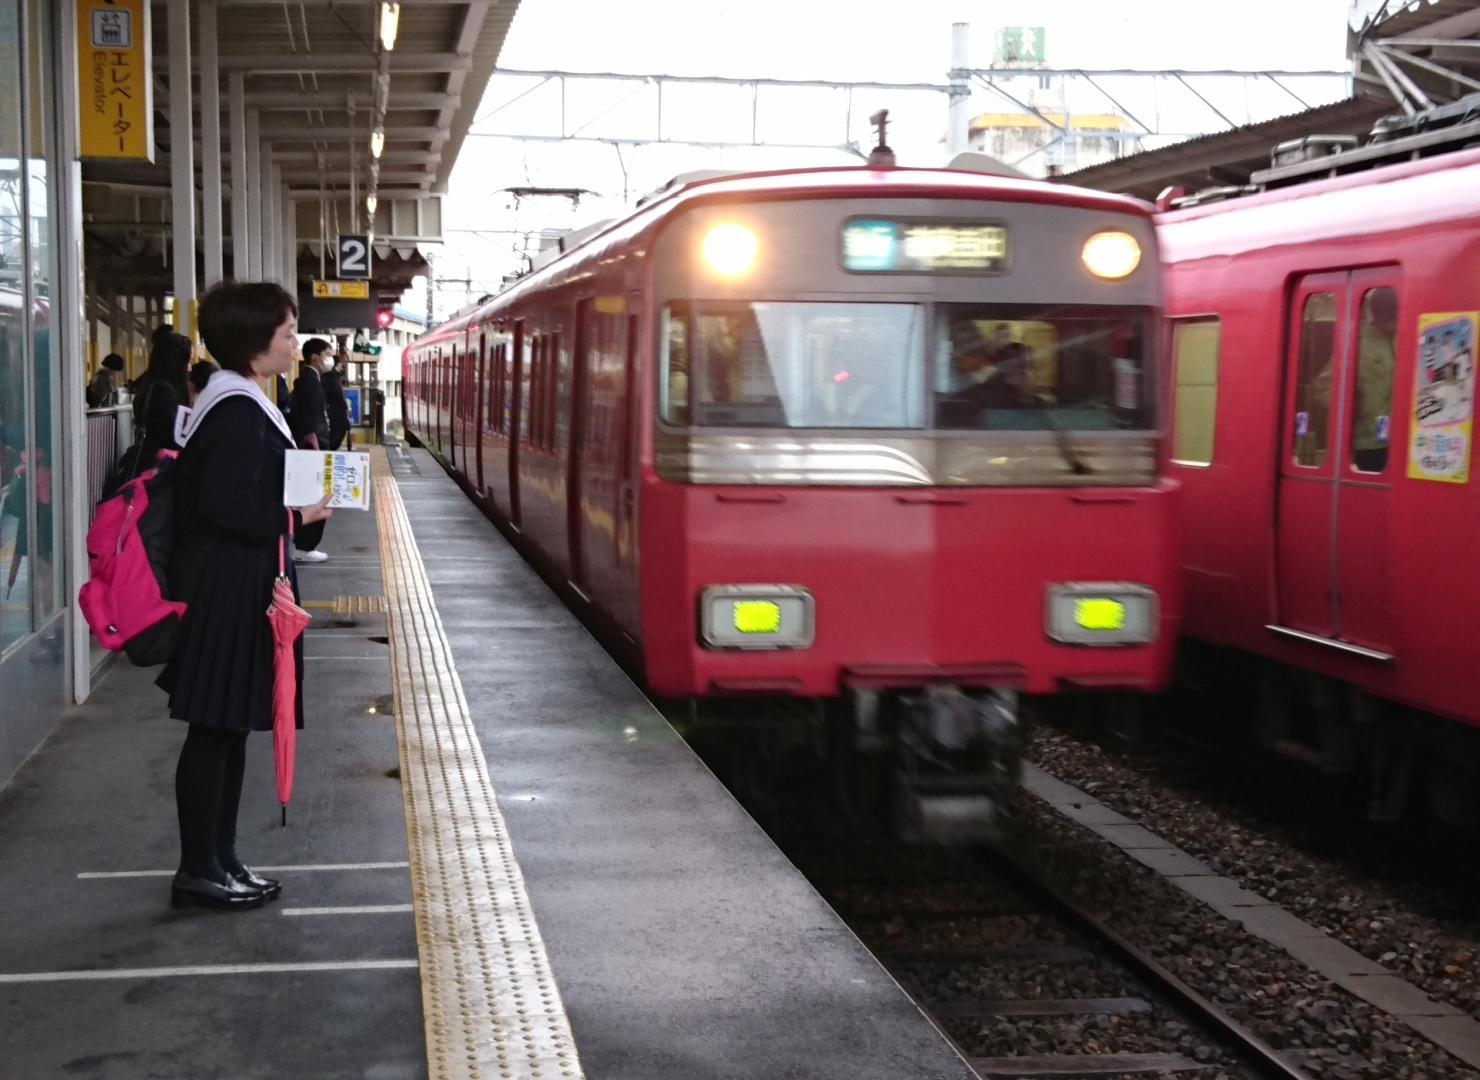 2017.4.11 しんあんじょう - 吉良吉田いき準急(岩倉いきふつう) 1480-1080